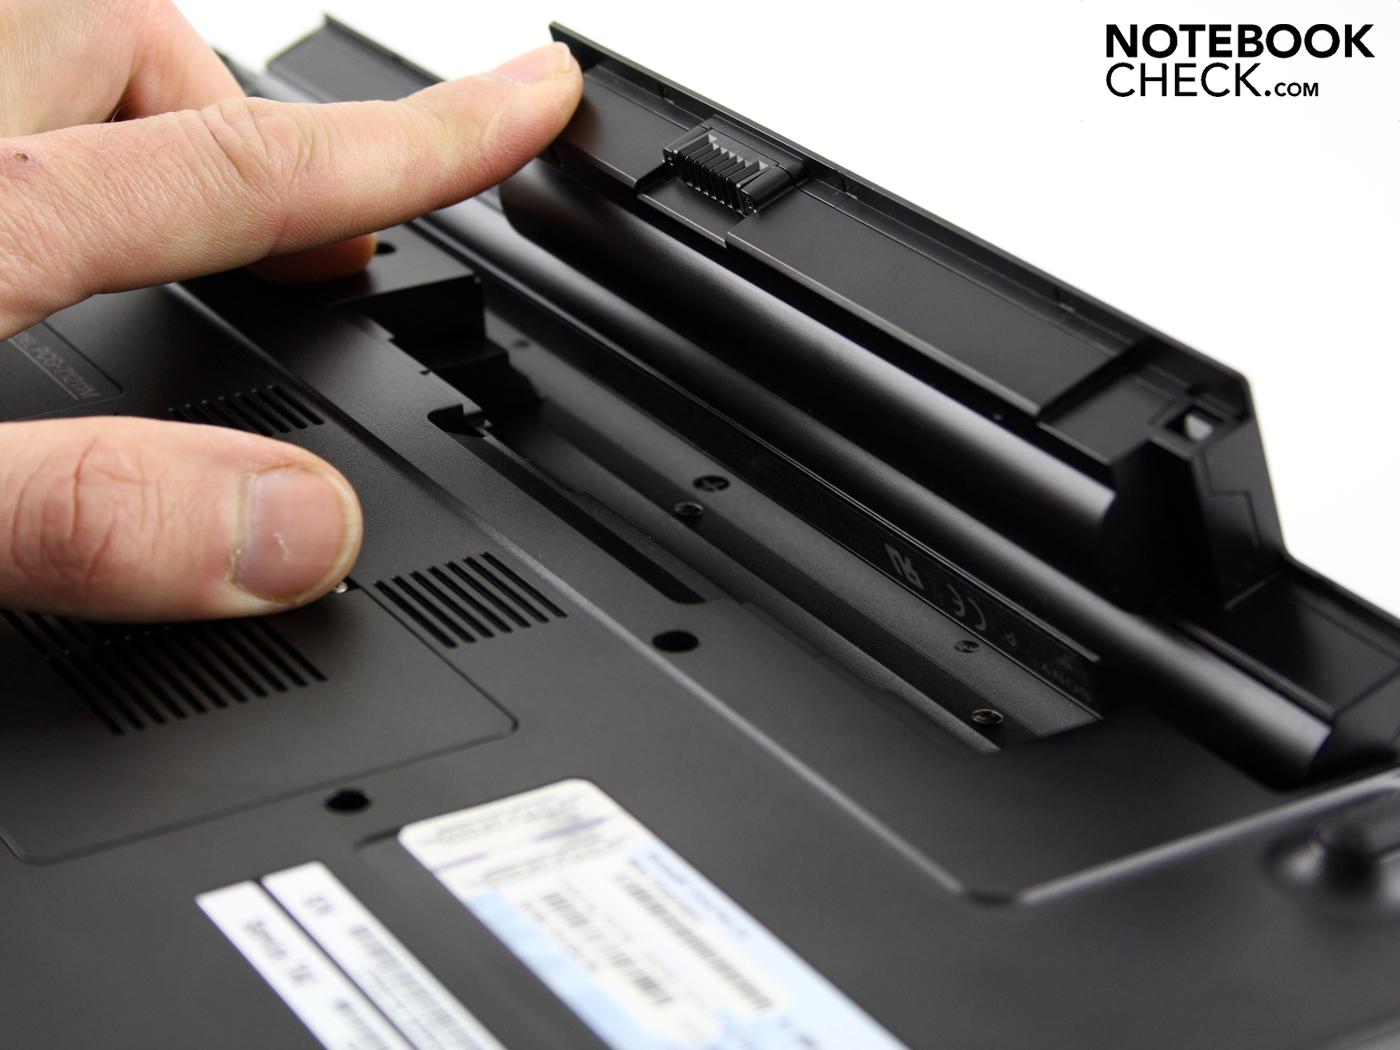 Test Sony Vaio VPC-EB4X1E/BQ (FHD) Notebook ...